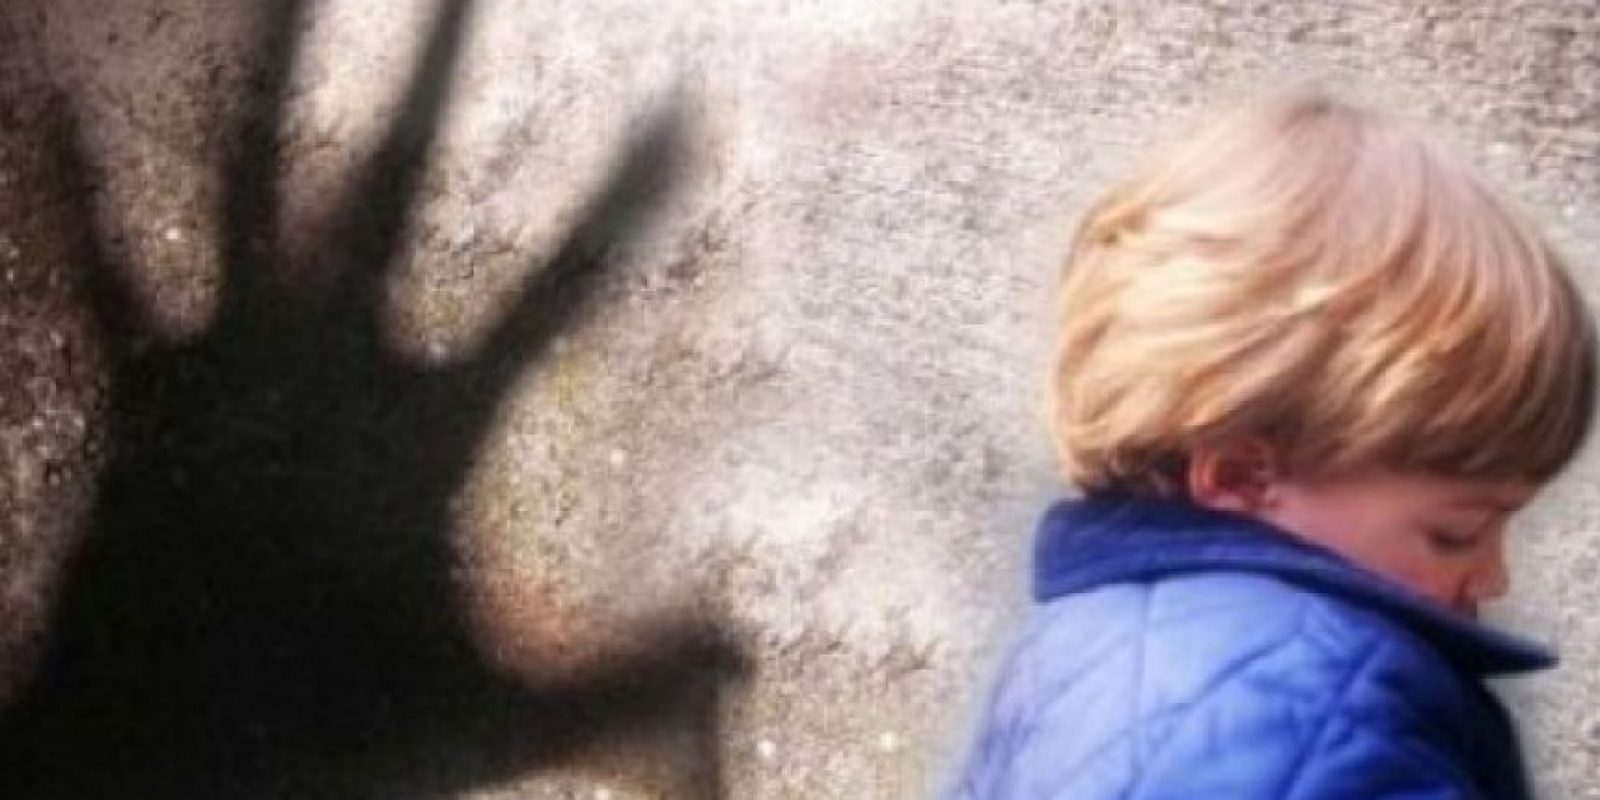 La pedofilia es un rasgo multifactorial en la personalidad del que la padece, y se compone de aspectos mentales, institucionales, de actividad, de educación sexual, de violencia, de control de las pulsiones. Foto:Pixabay